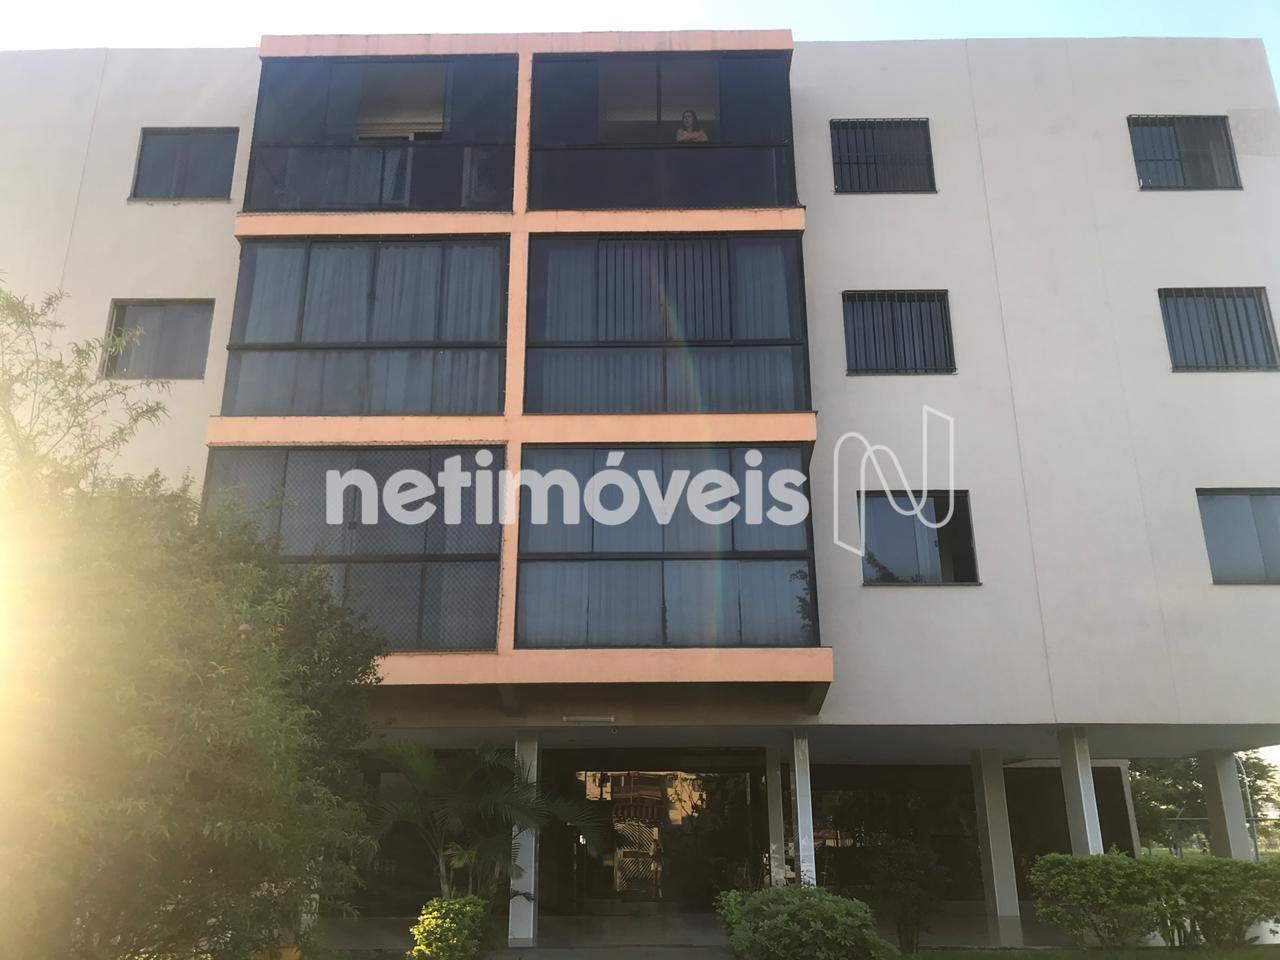 apartamento 3 quartos,distrito federal,taguatinga norte,taguatinga,qnl,apartamento reformado,